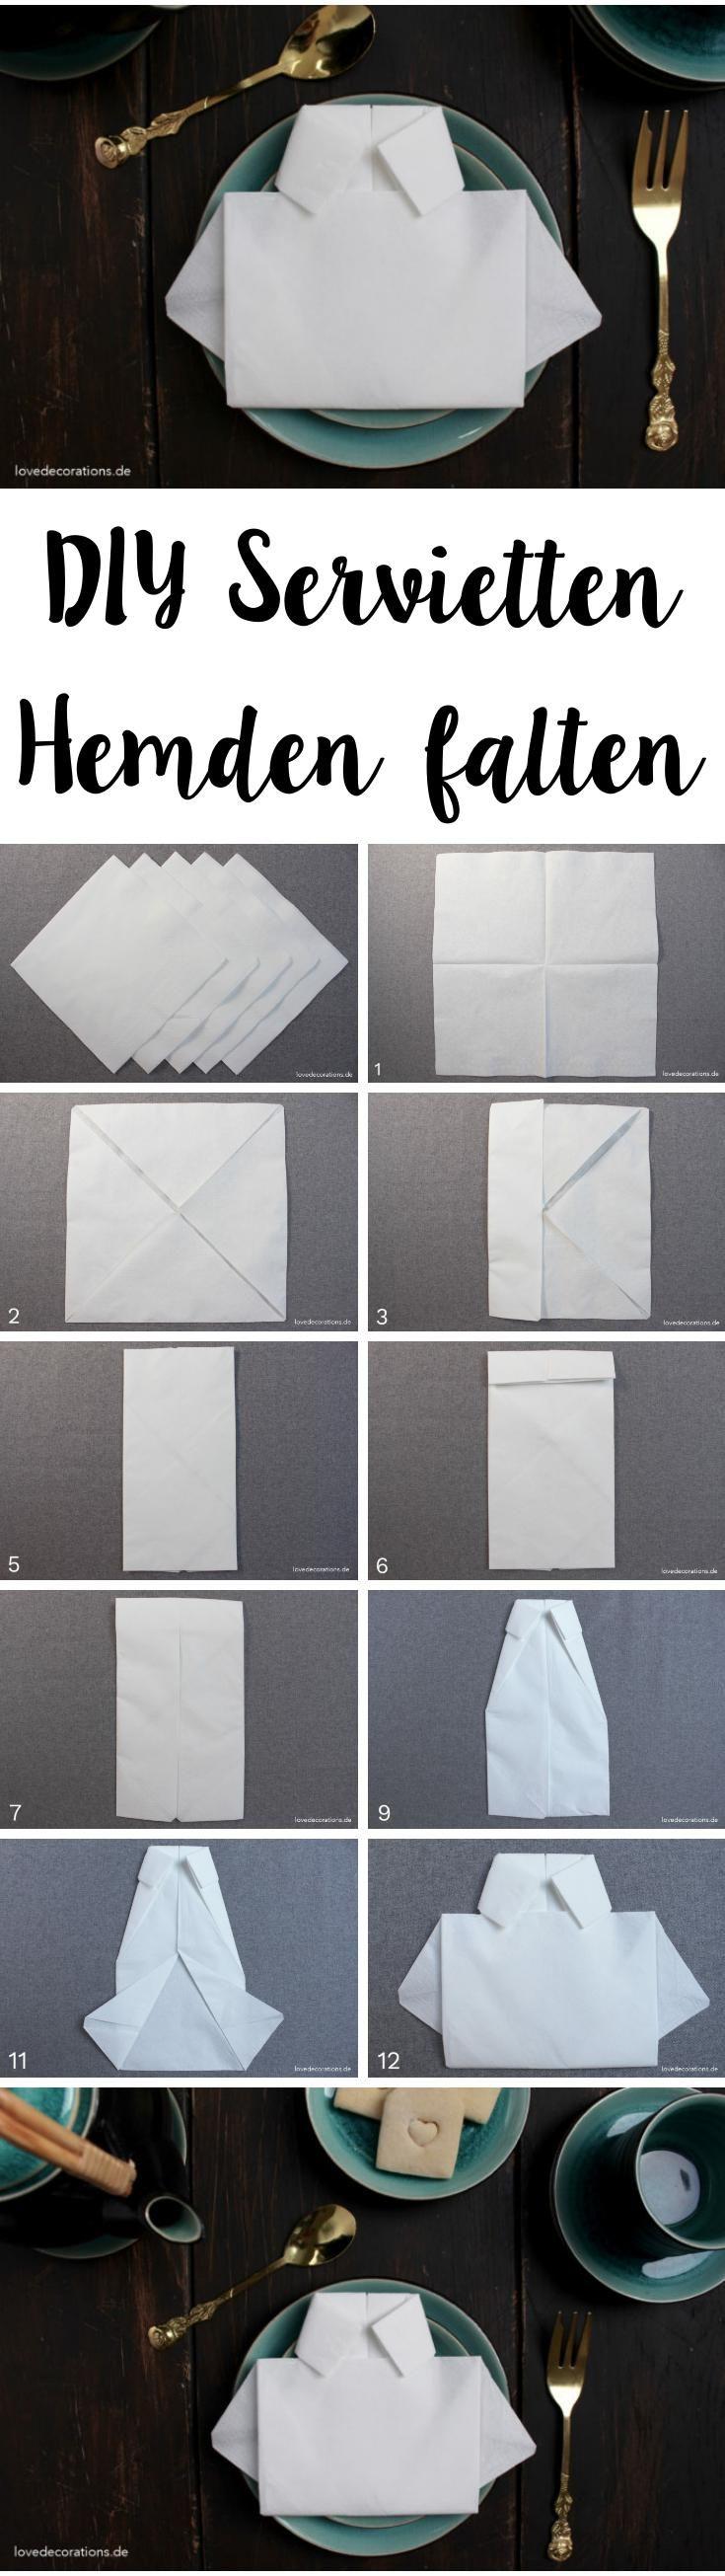 DIY Napkin Folding: Shirt | DIY Servietten Hemden falten